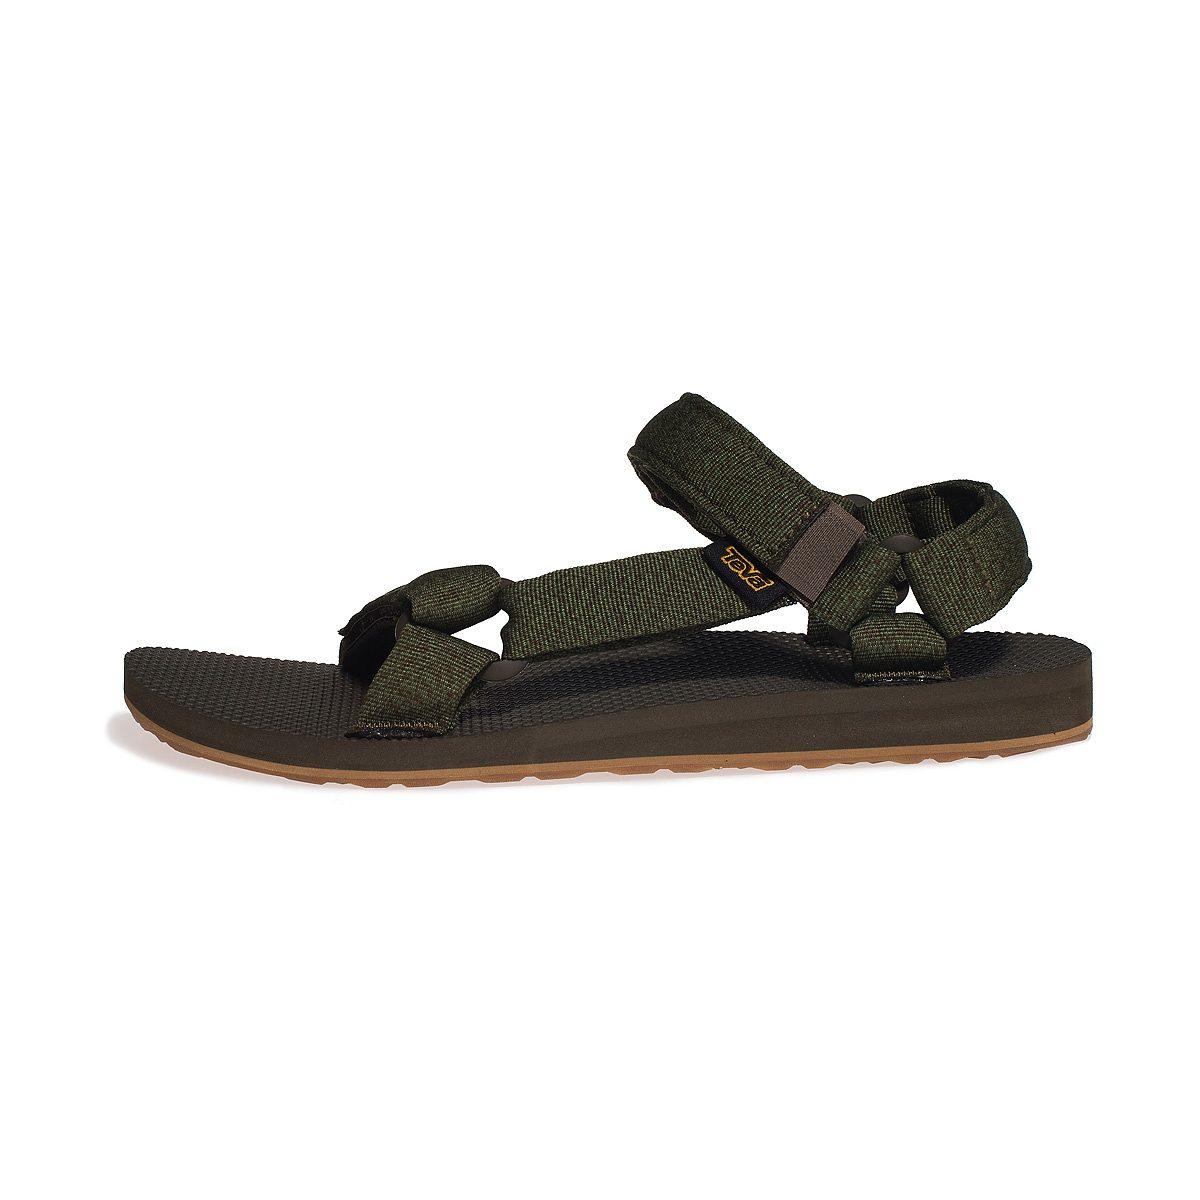 Teva Sandale »Original Universal Sandals Men Marled Olive«